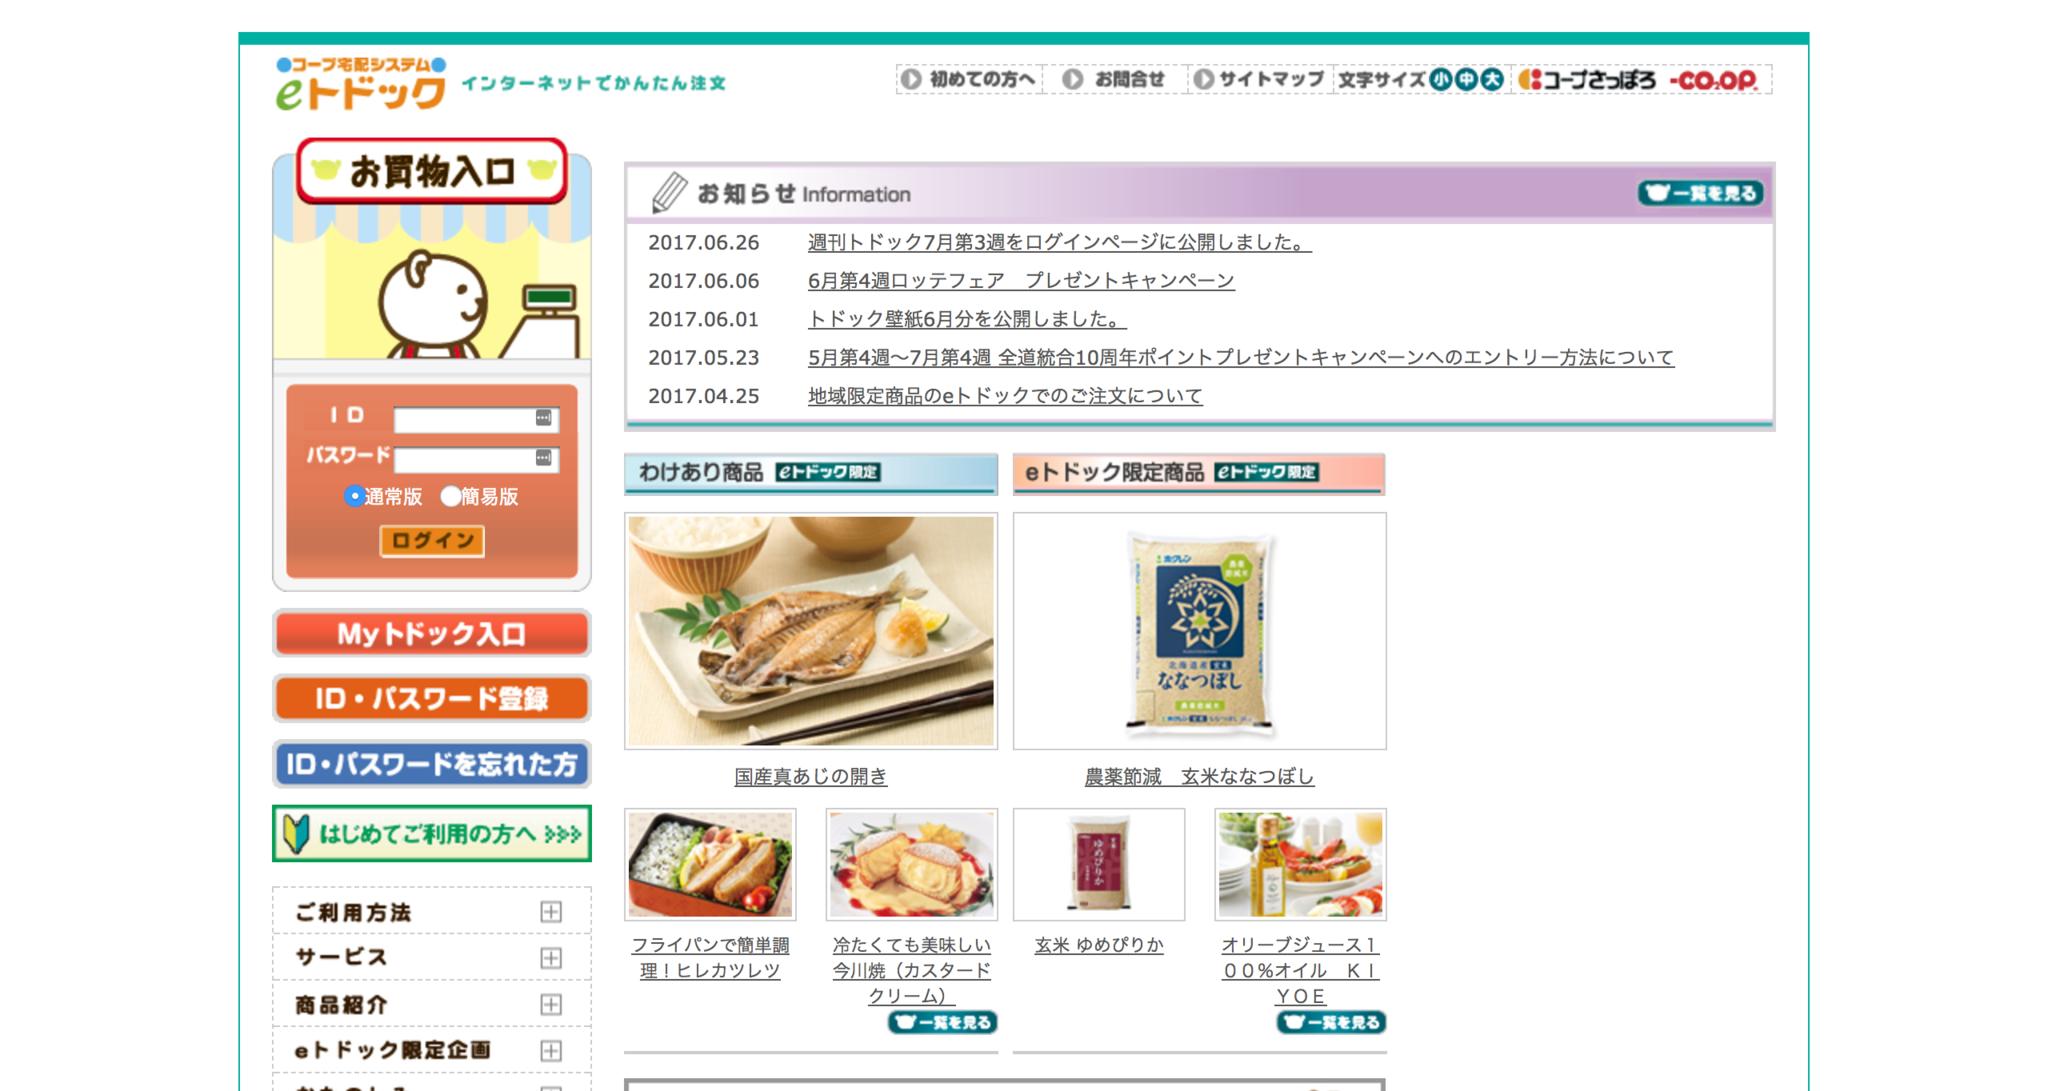 コープ宅配システム_トドック【eトドック】 コープさっぽろ.png